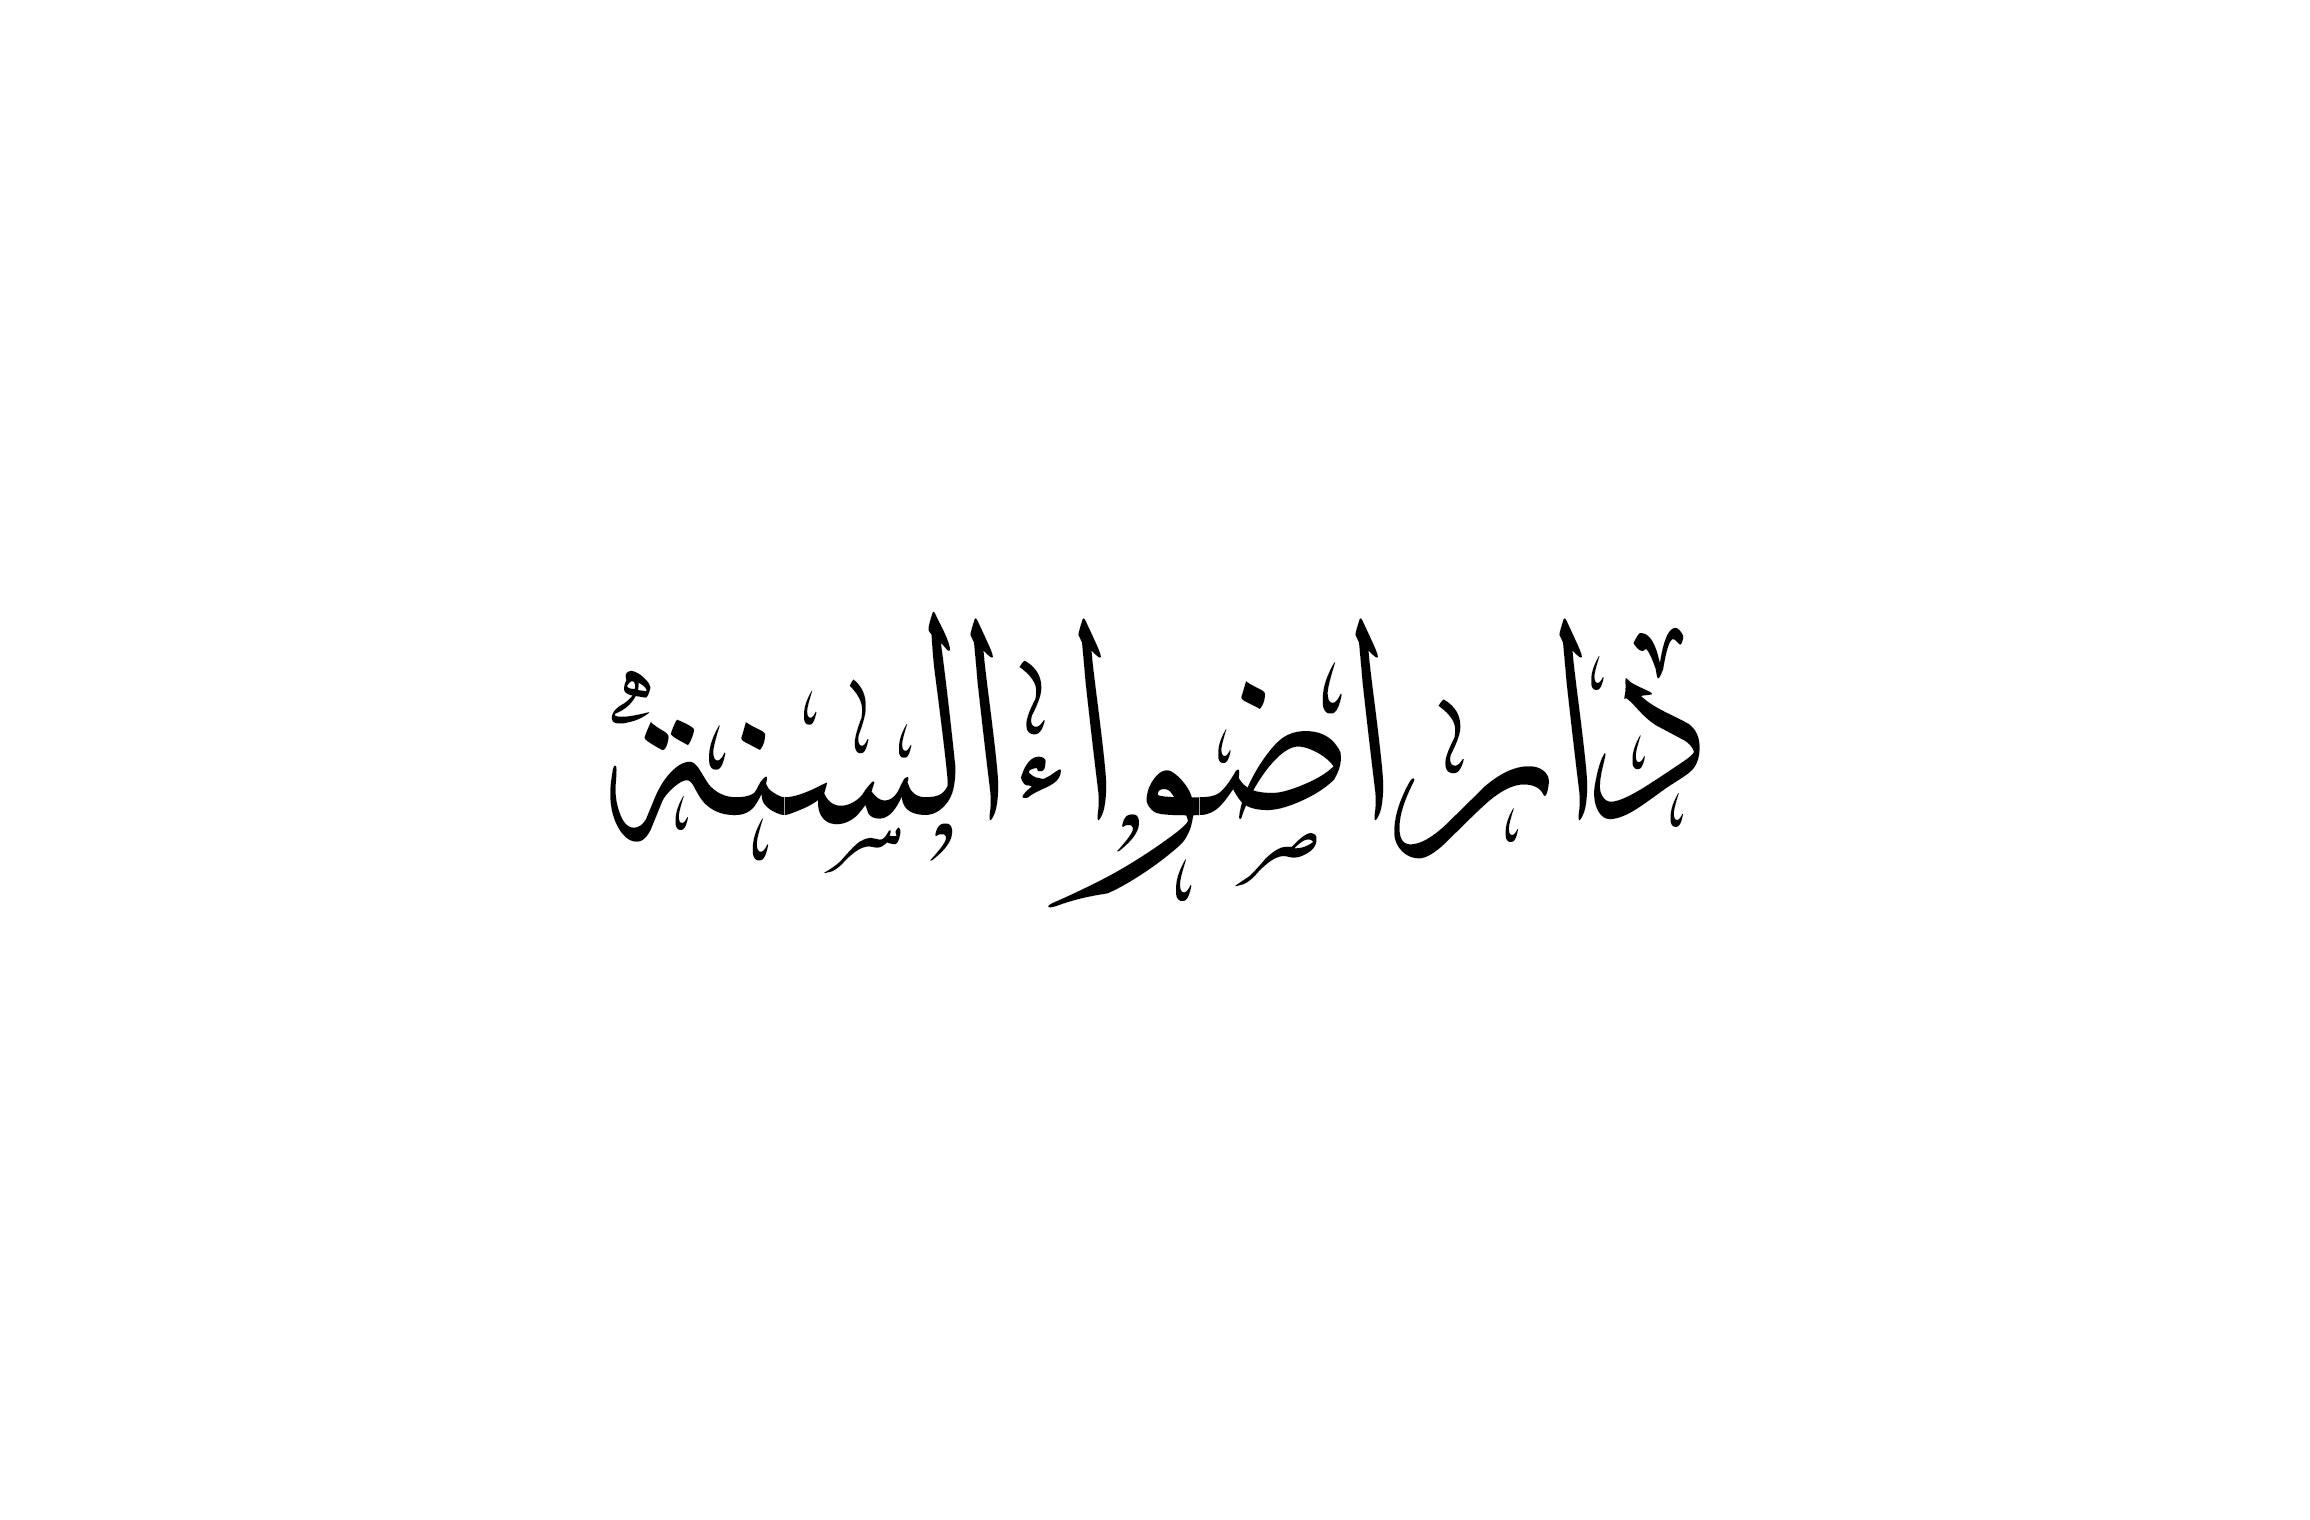 Dar Adwai al sunnah